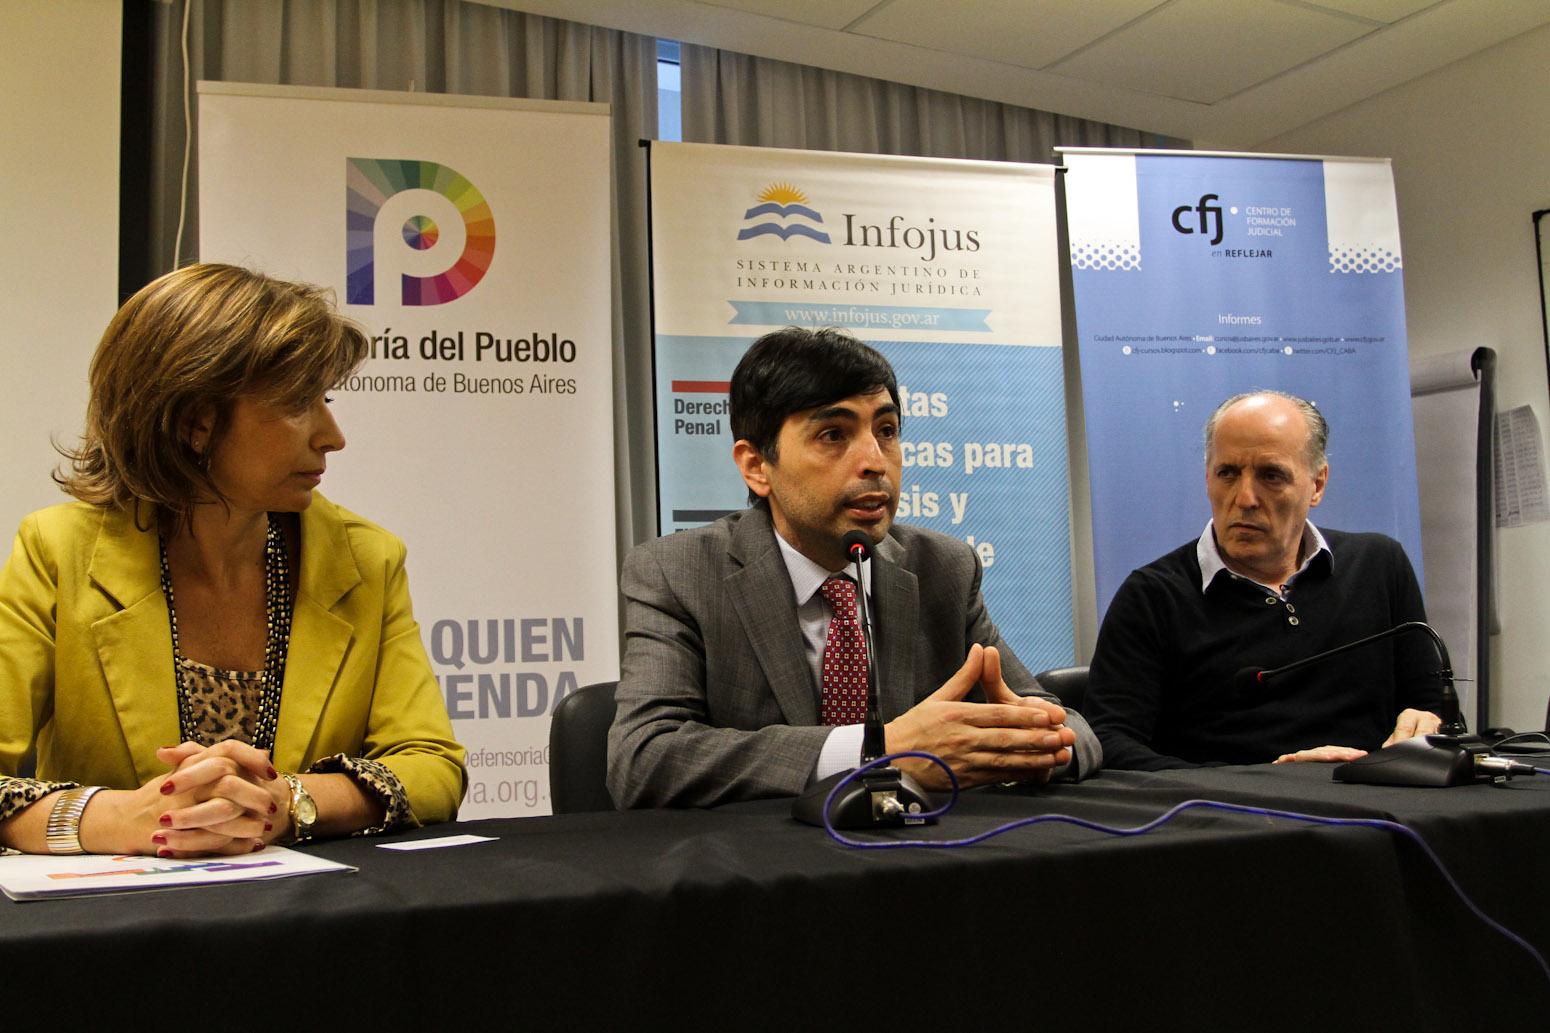 Infojus lanzó una capacitación para la Defensoría del Pueblo de la CABA